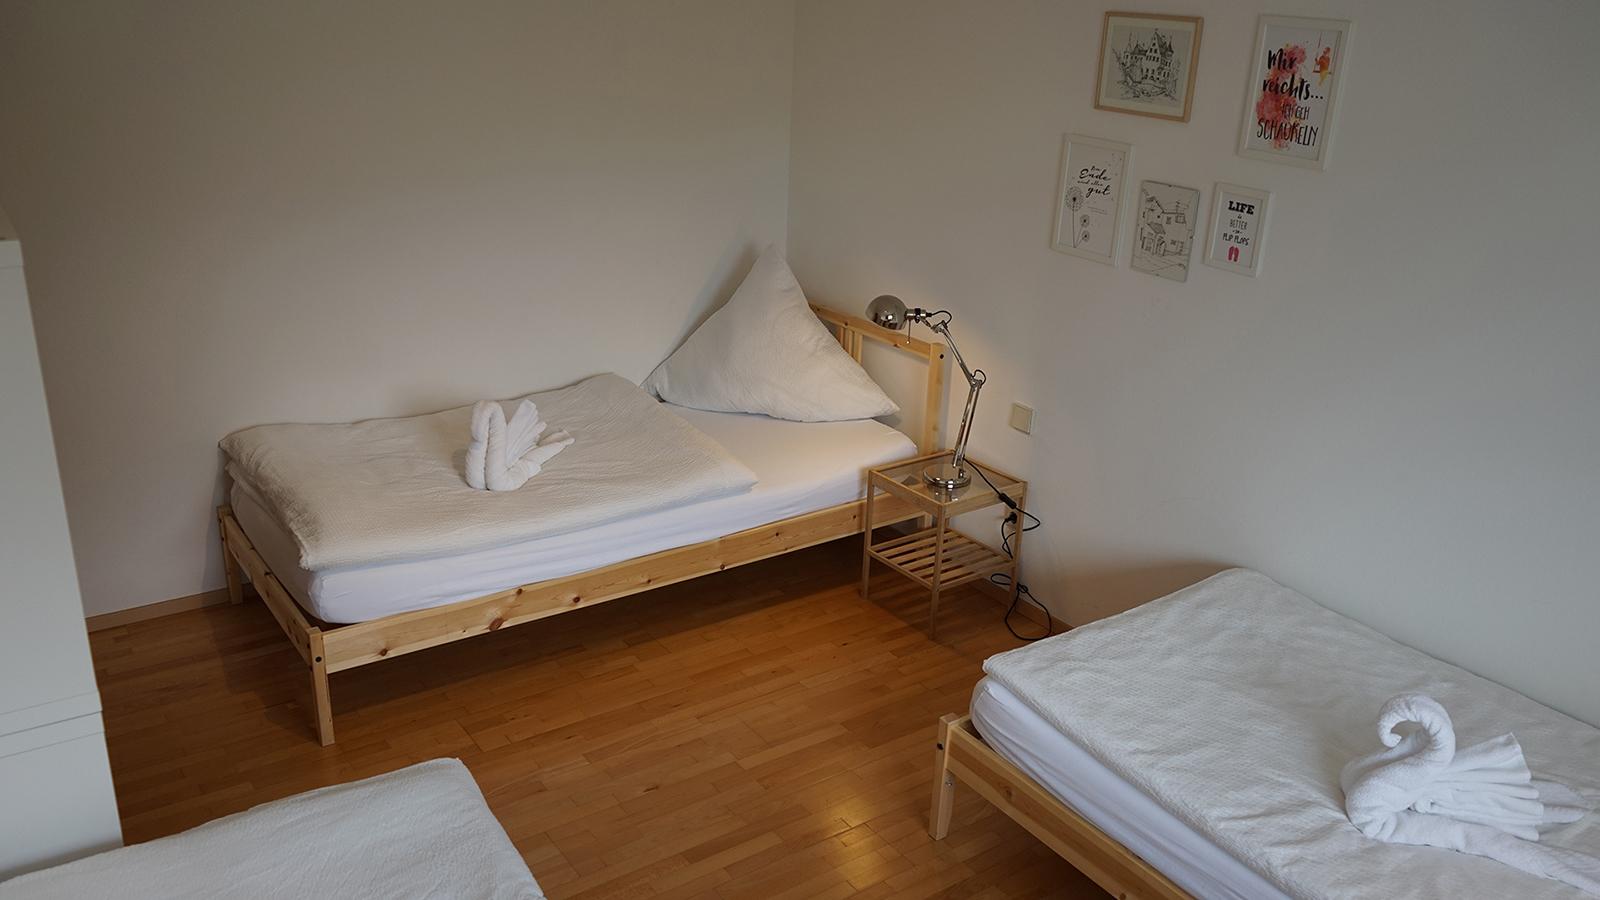 Ferienwohnung am Bodensee: Weitblick - Kinderzimmer